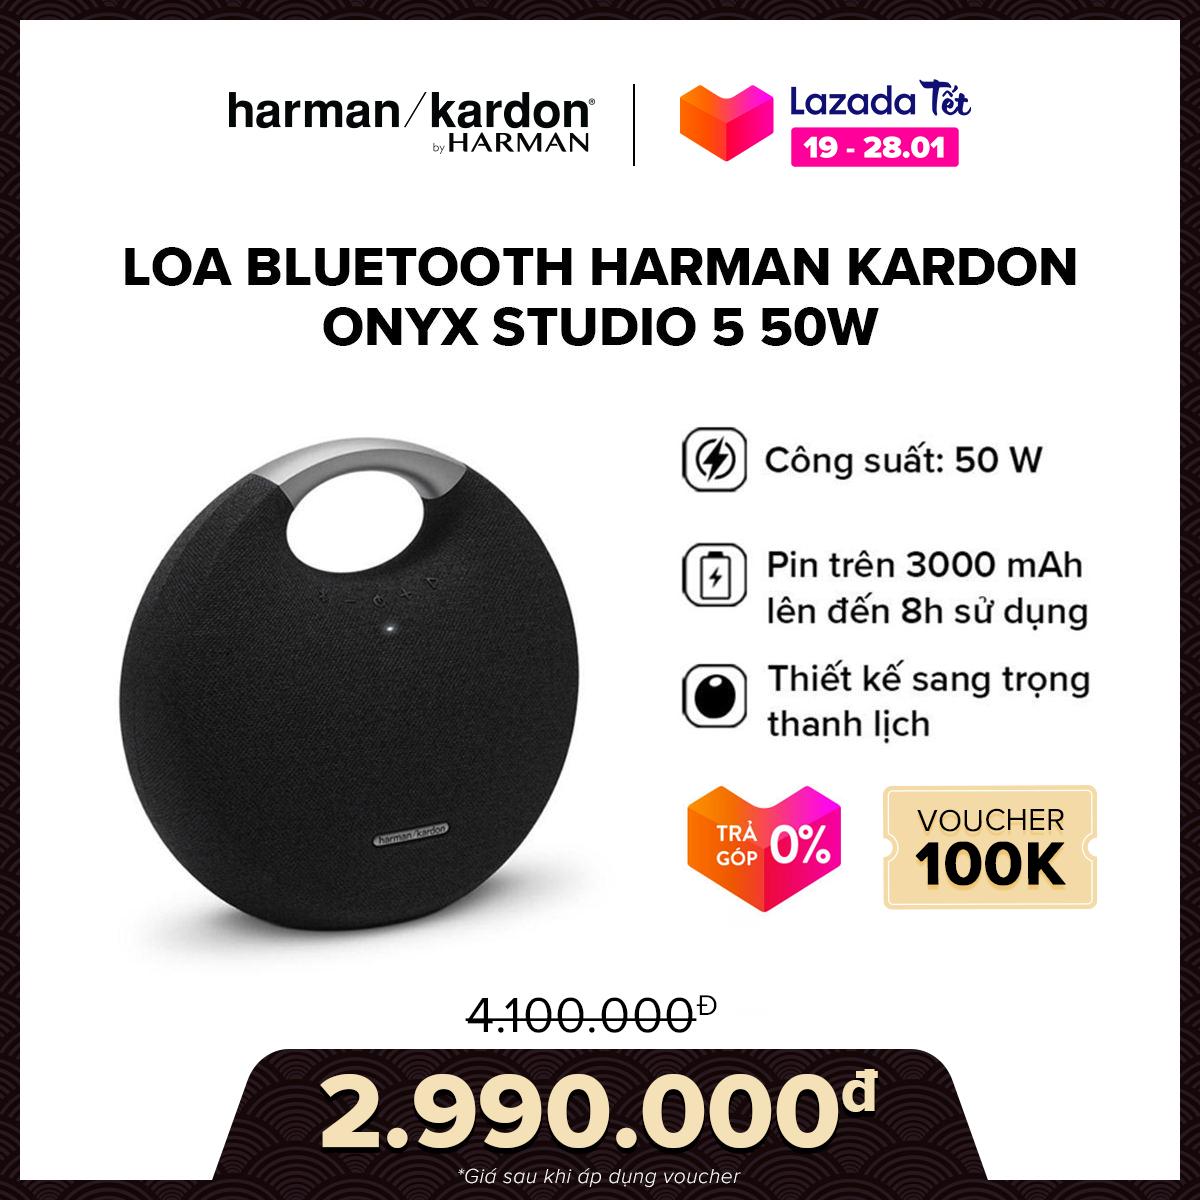 [VOUCHER 100K – TRẢ GÓP 0%] Loa Bluetooth Harman Kardon Onyx Studio 5 50W l Âm bass dày chắc khỏe l Thời gian phát nhạc liên tục đến 5 giờ l HÀNG CHÍNH HÃNG